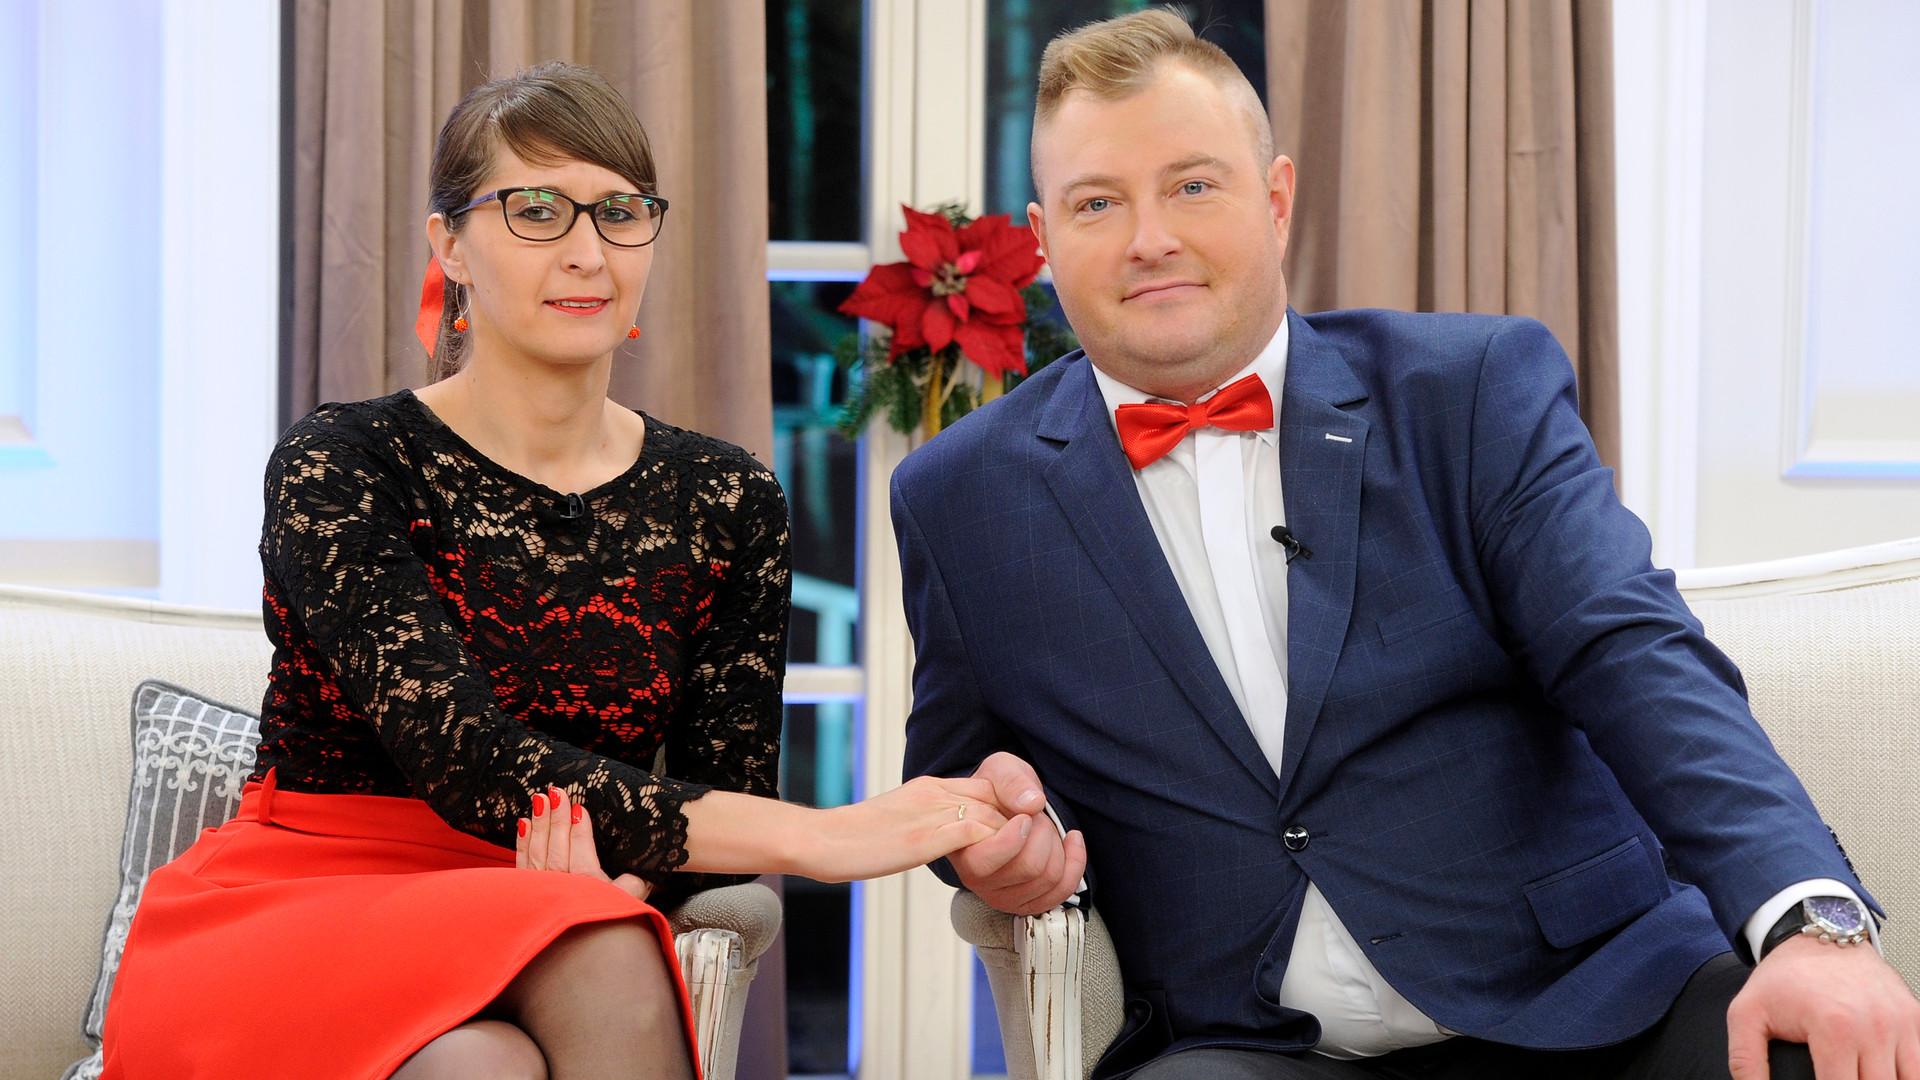 Agata Rusak na Instagramie potwierdziła, że ROZSTAŁA się z Łukaszem Sędrowskim z Rolnik szuka żony